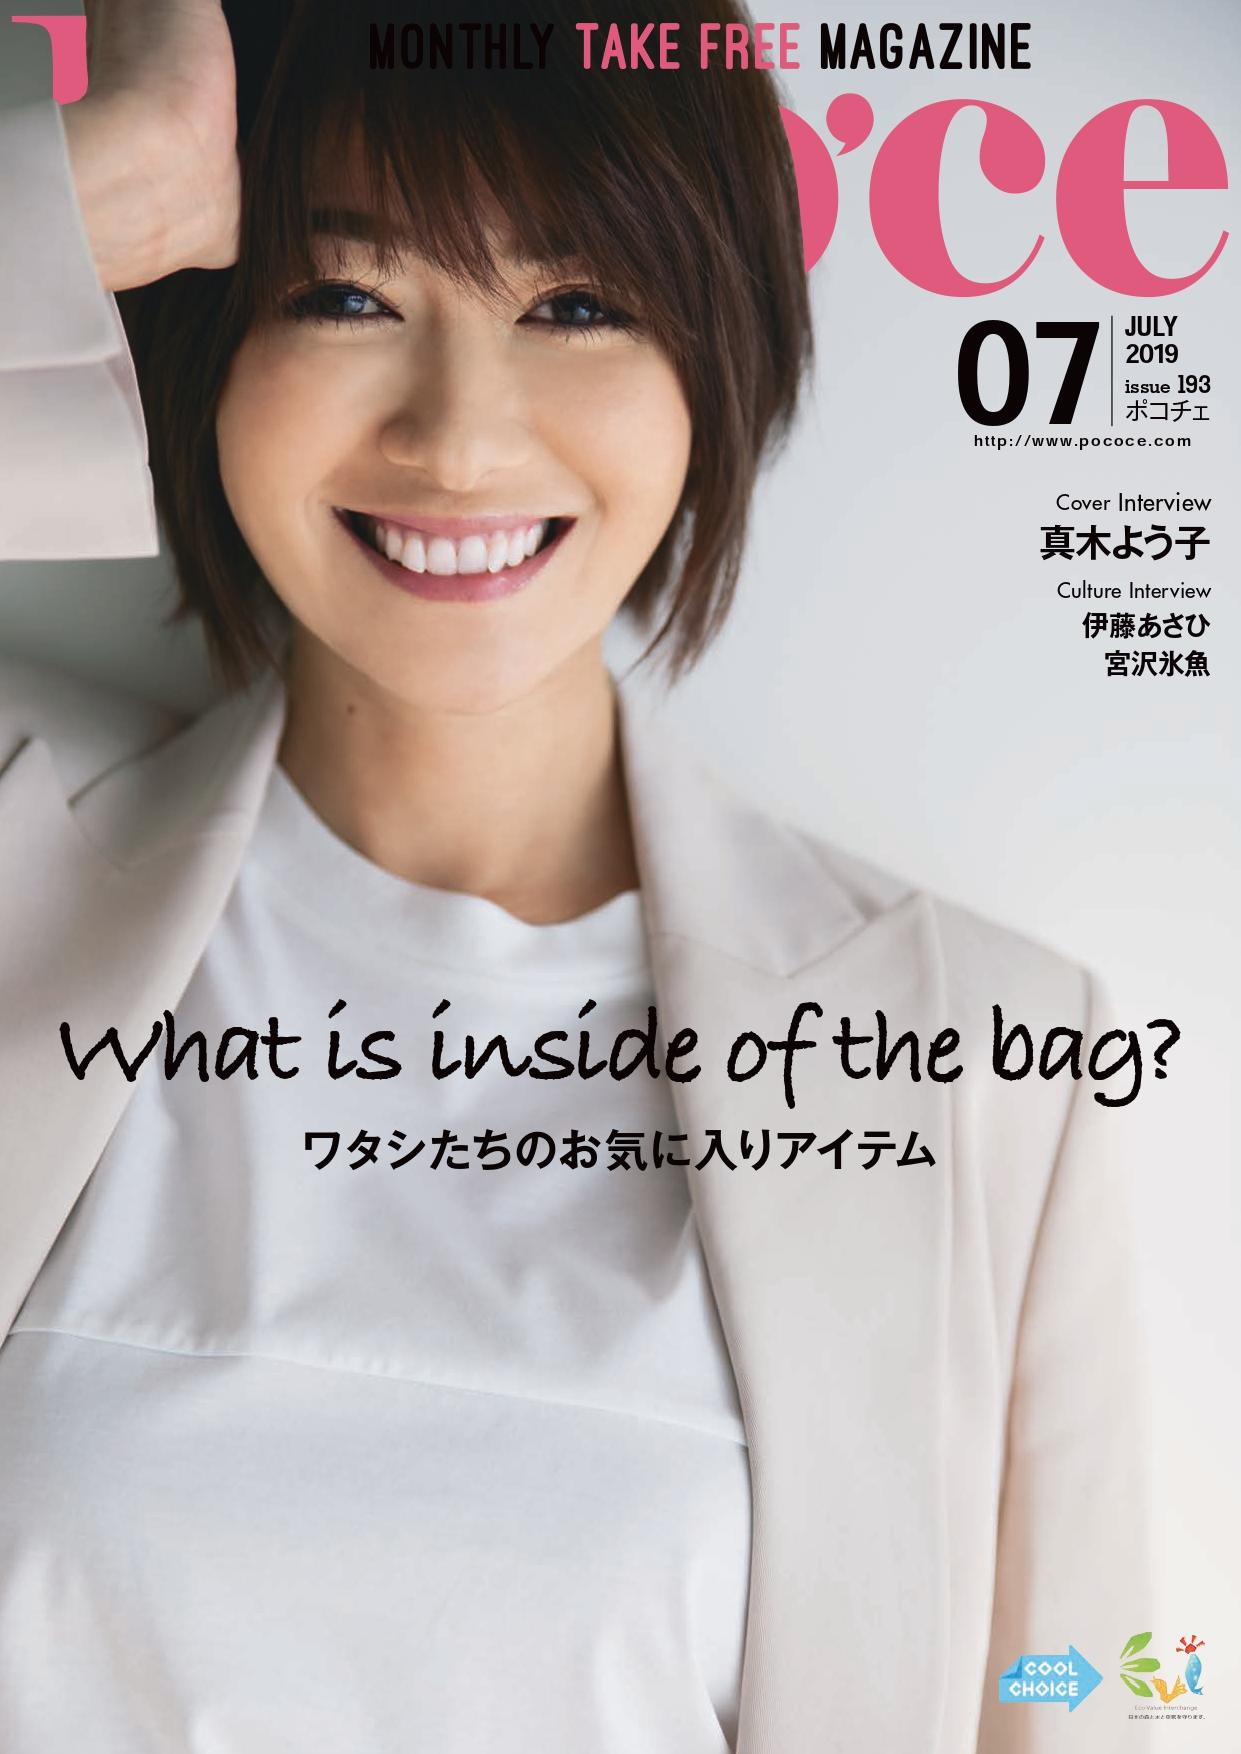 「Poco'ce(ポコチェ)」2019年7月号に掲載されました!